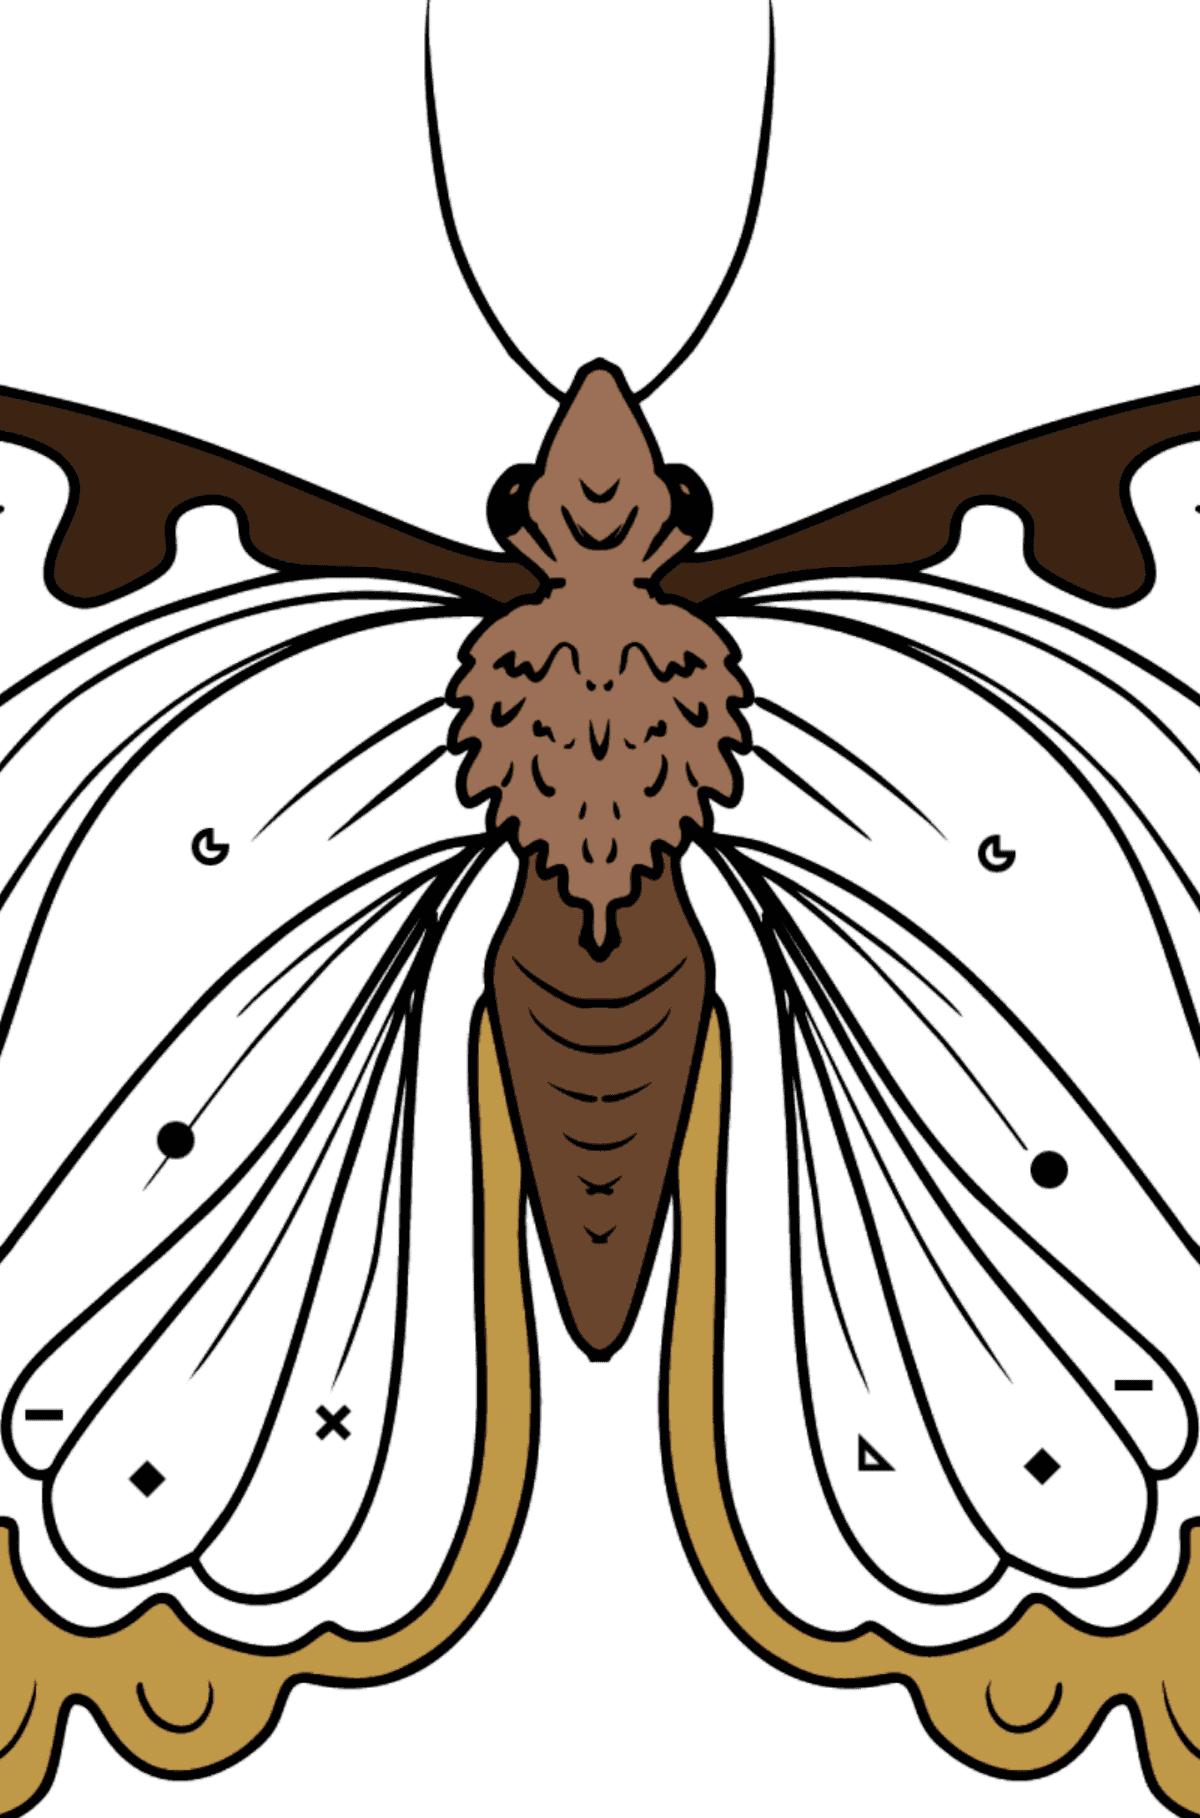 Раскраска бабочка крапивница - Раскраска по Символам и Геометрическим Фигурам для Детей